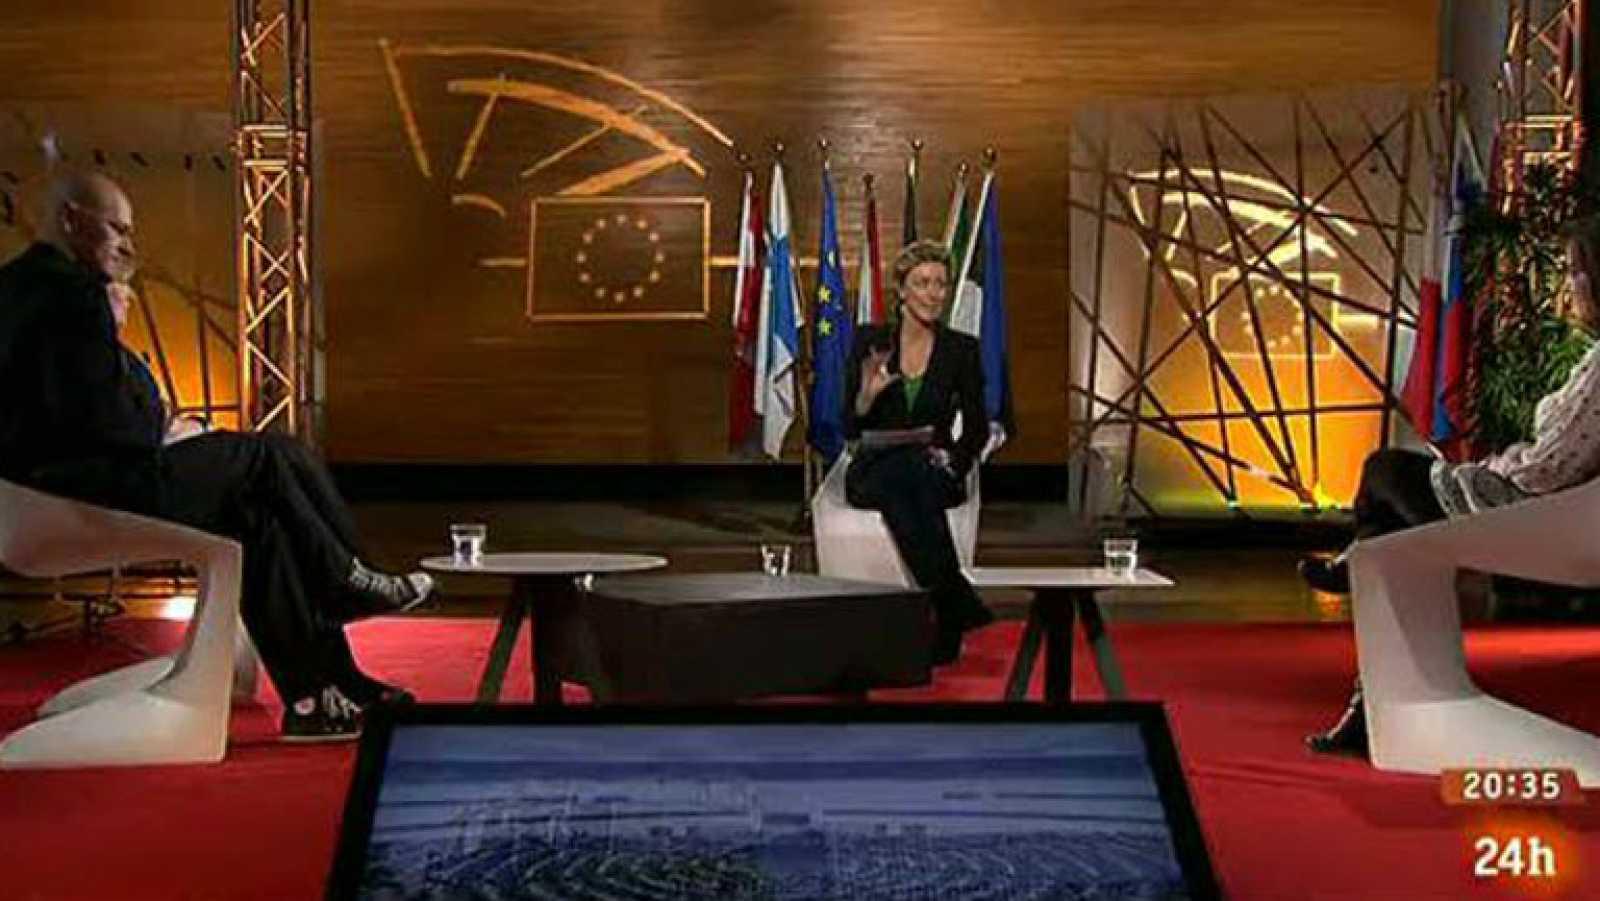 Europa 2013 - El debate - Reforma de la PAC